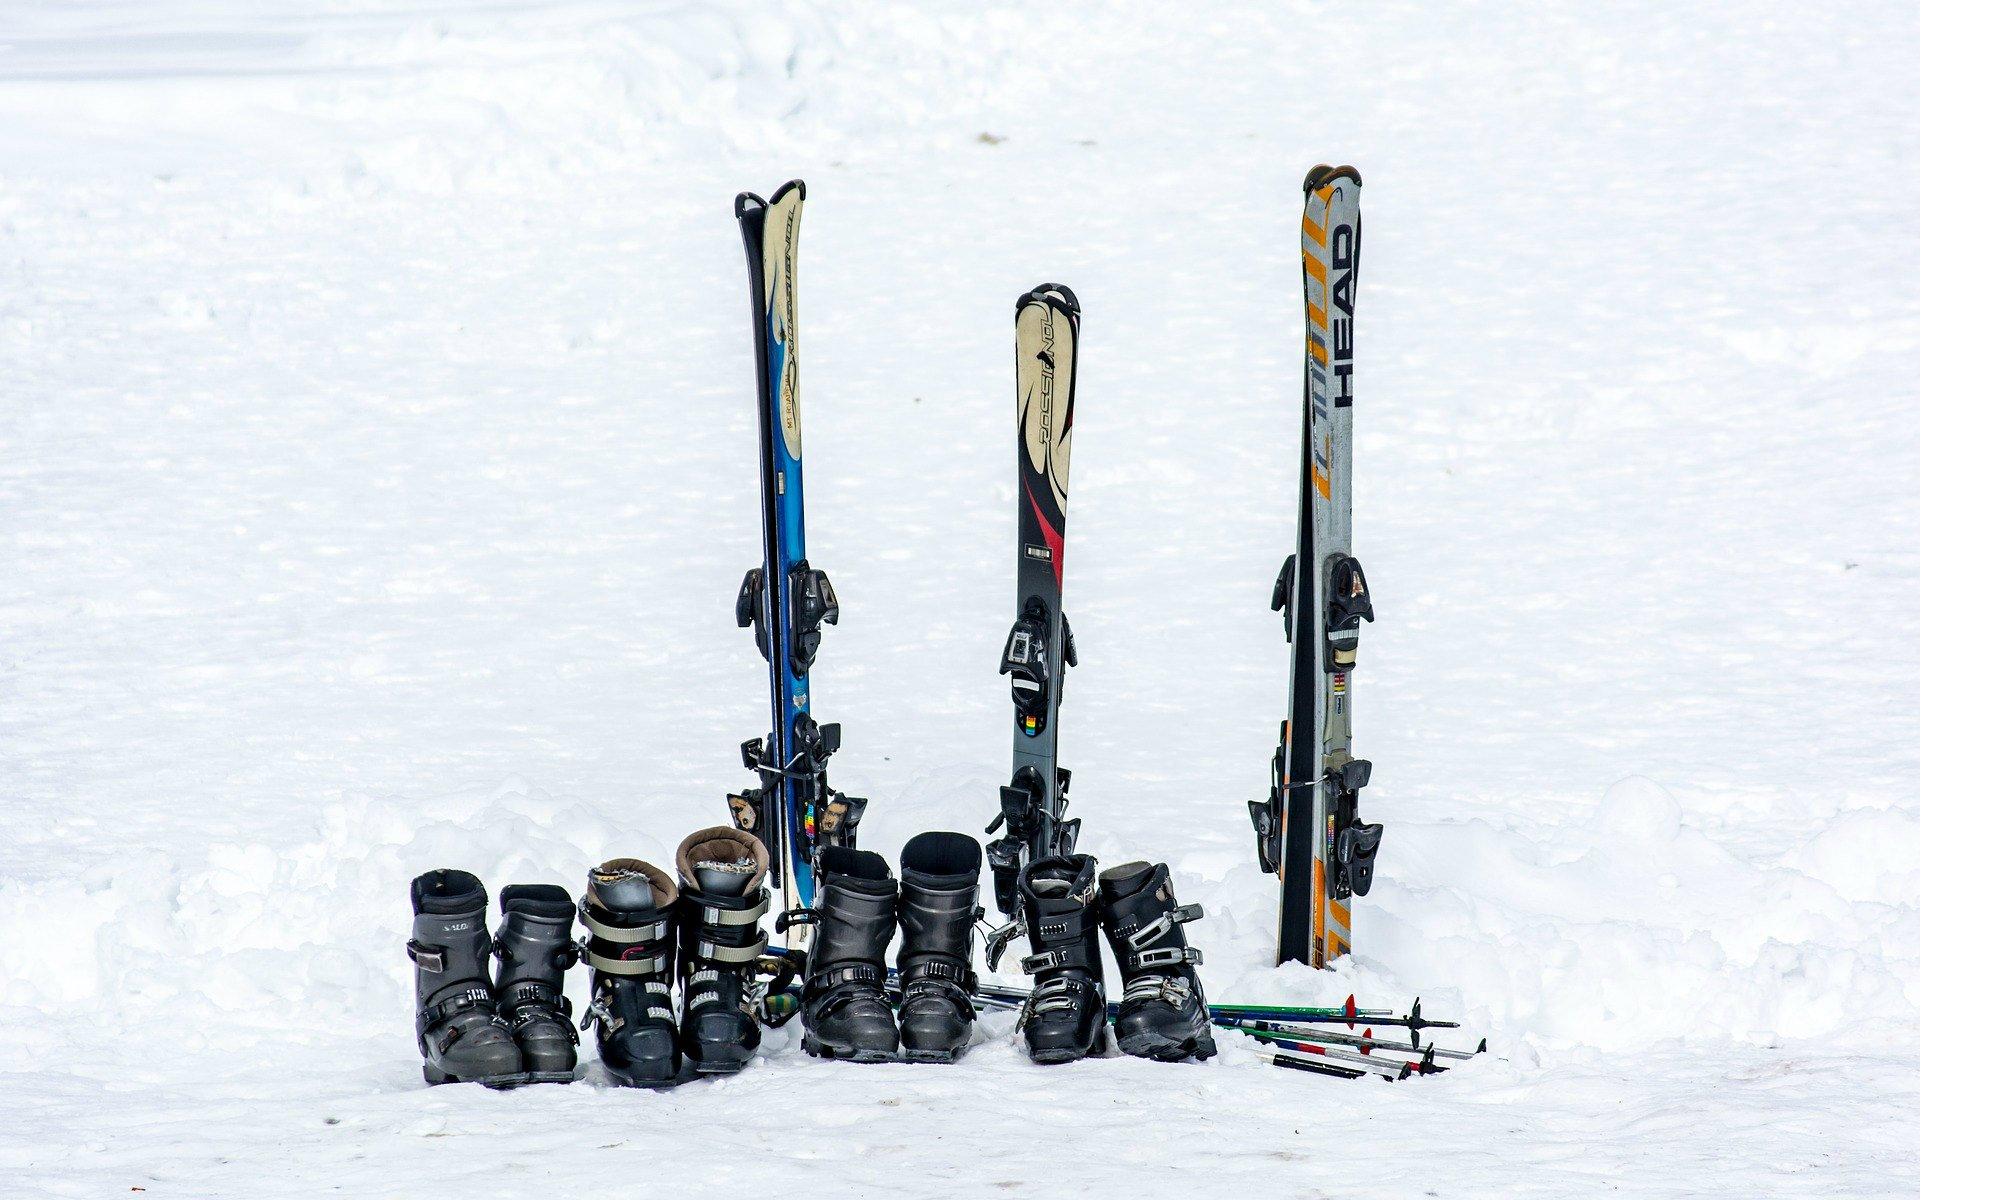 Blik op ski's, skischoenen en skistokken in de sneeuw.